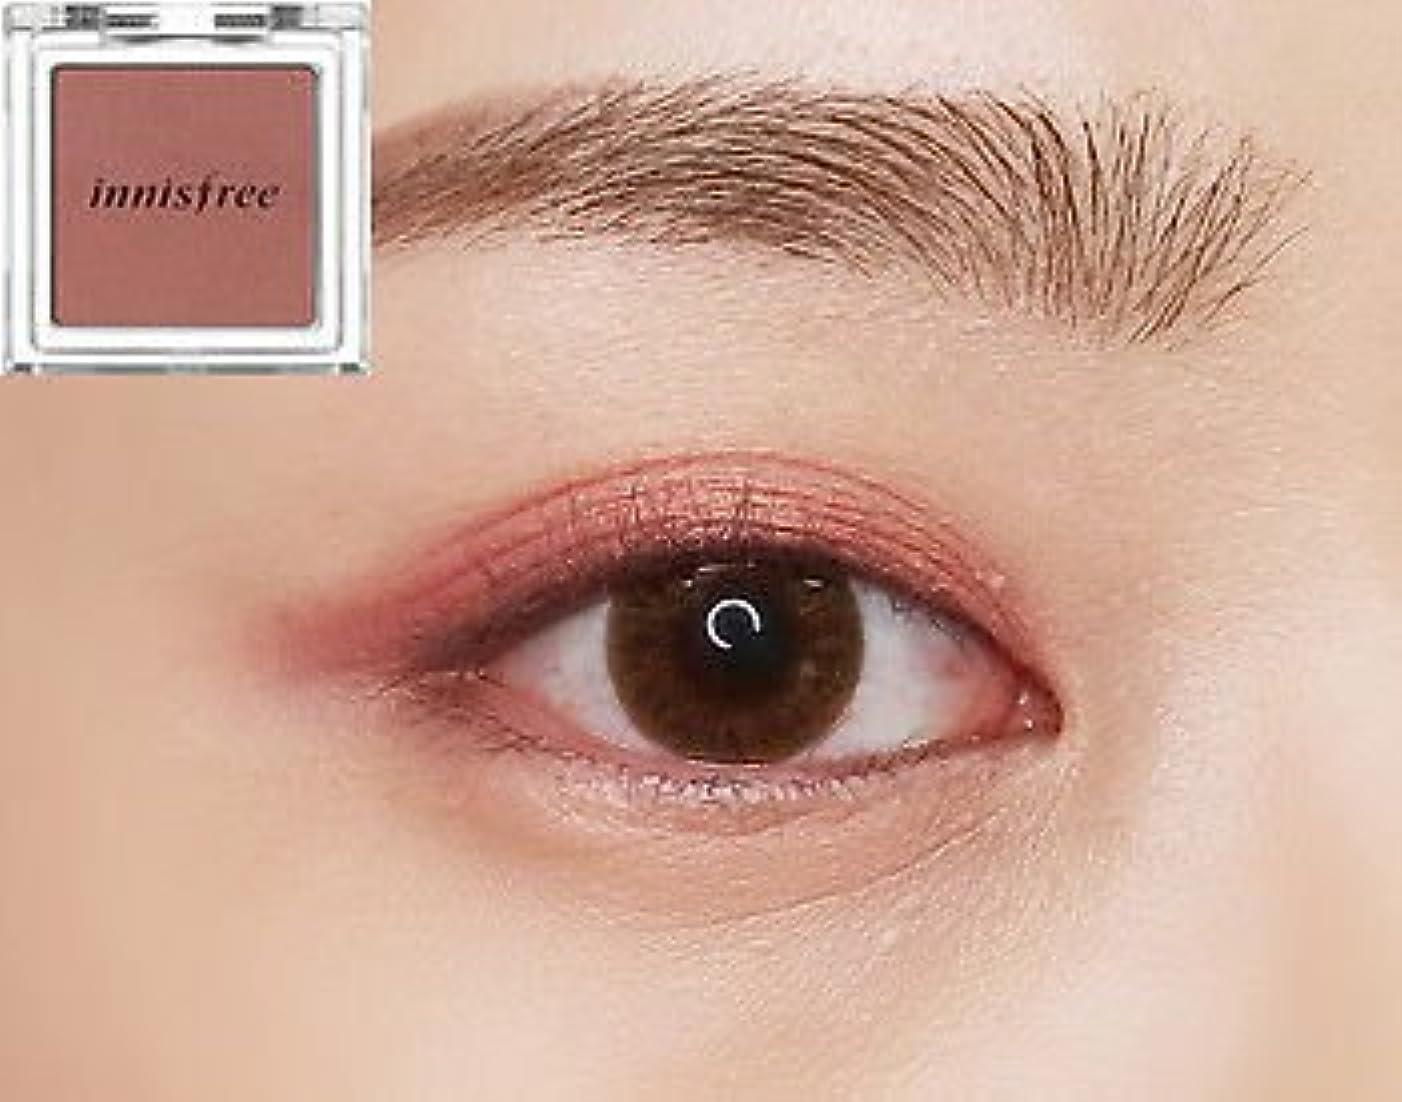 行政天ヘロイン[イニスフリー] innisfree [マイ パレット マイ アイシャドウ (シマ一) 39カラー] MY PALETTE My Eyeshadow (Shimmer) 39 Shades [海外直送品] (シマ一 #24)